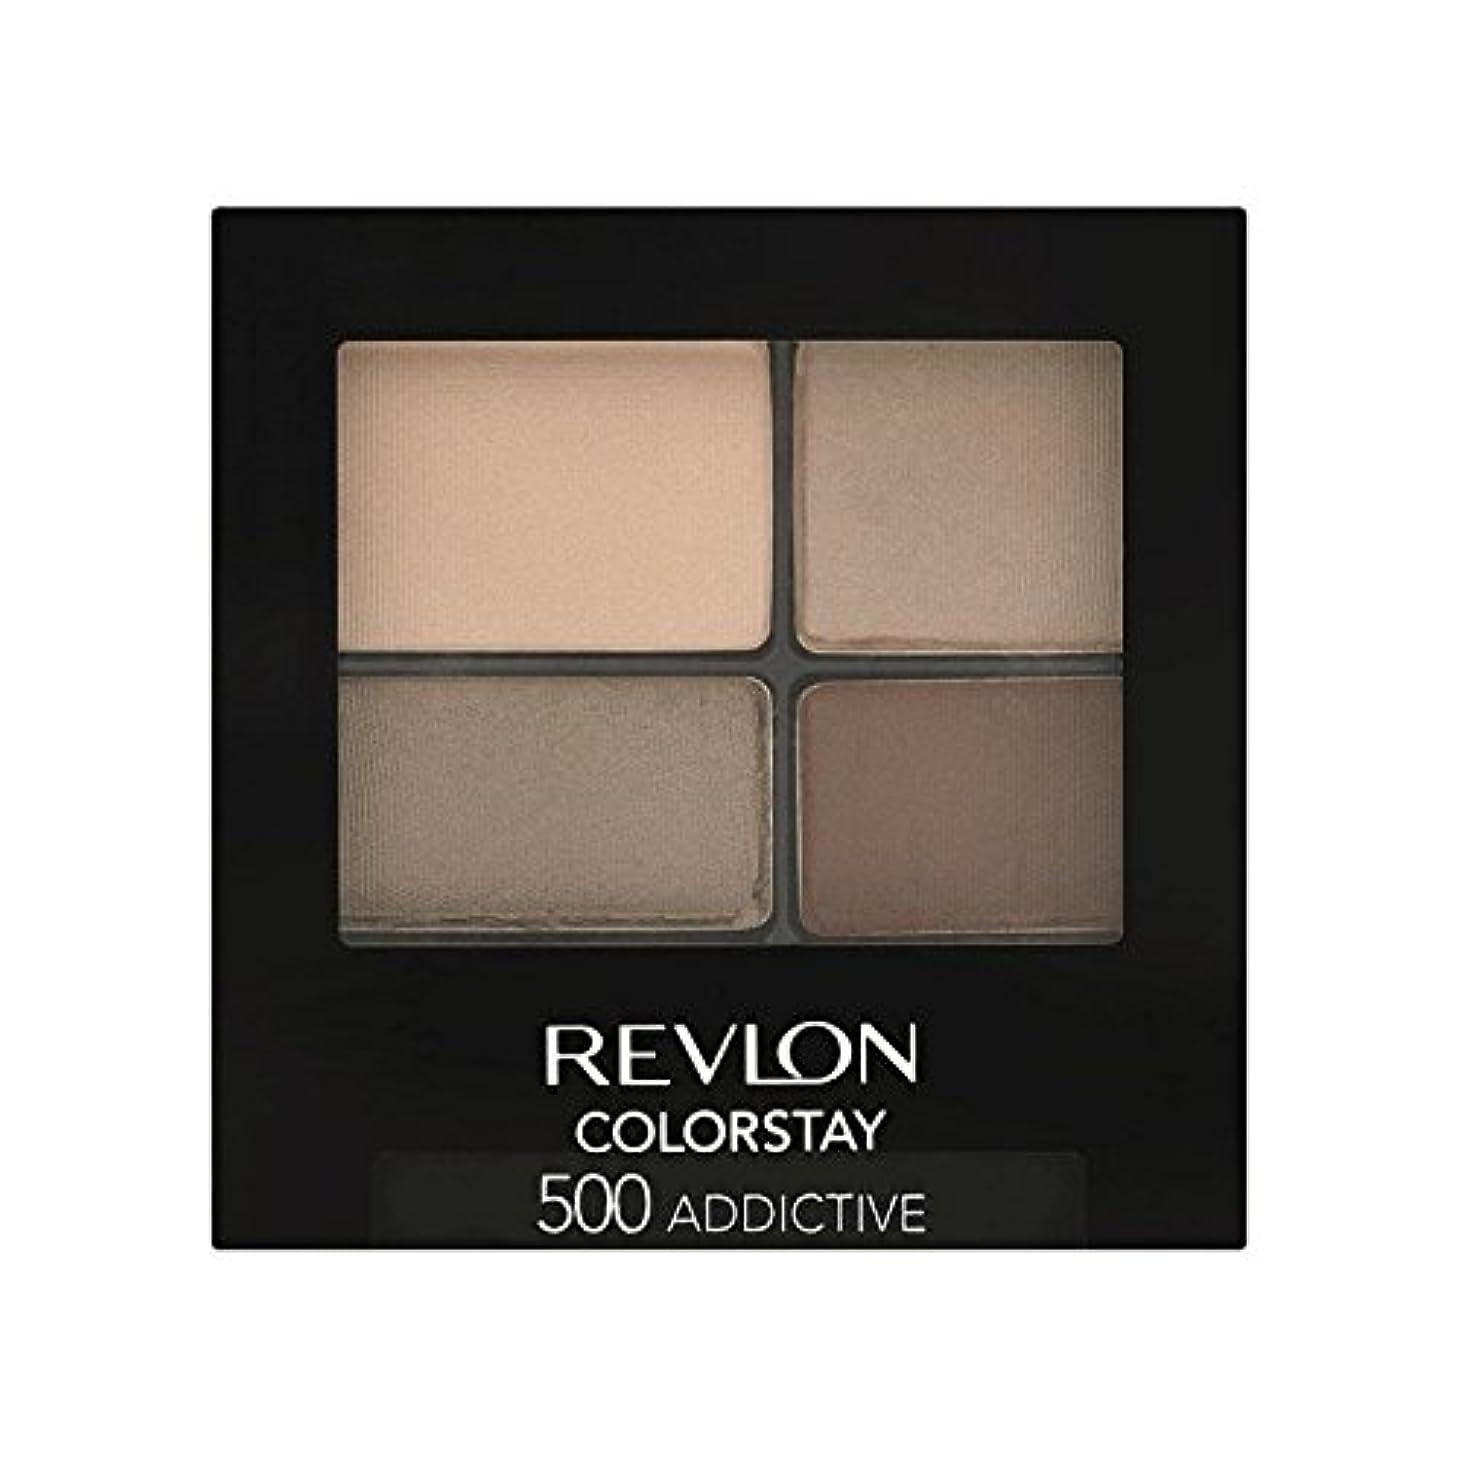 先史時代の不安定シアー500中毒性のレブロン 16時間のアイシャドウ x4 - Revlon Colorstay 16 Hour Eye Shadow Addictive 500 (Pack of 4) [並行輸入品]